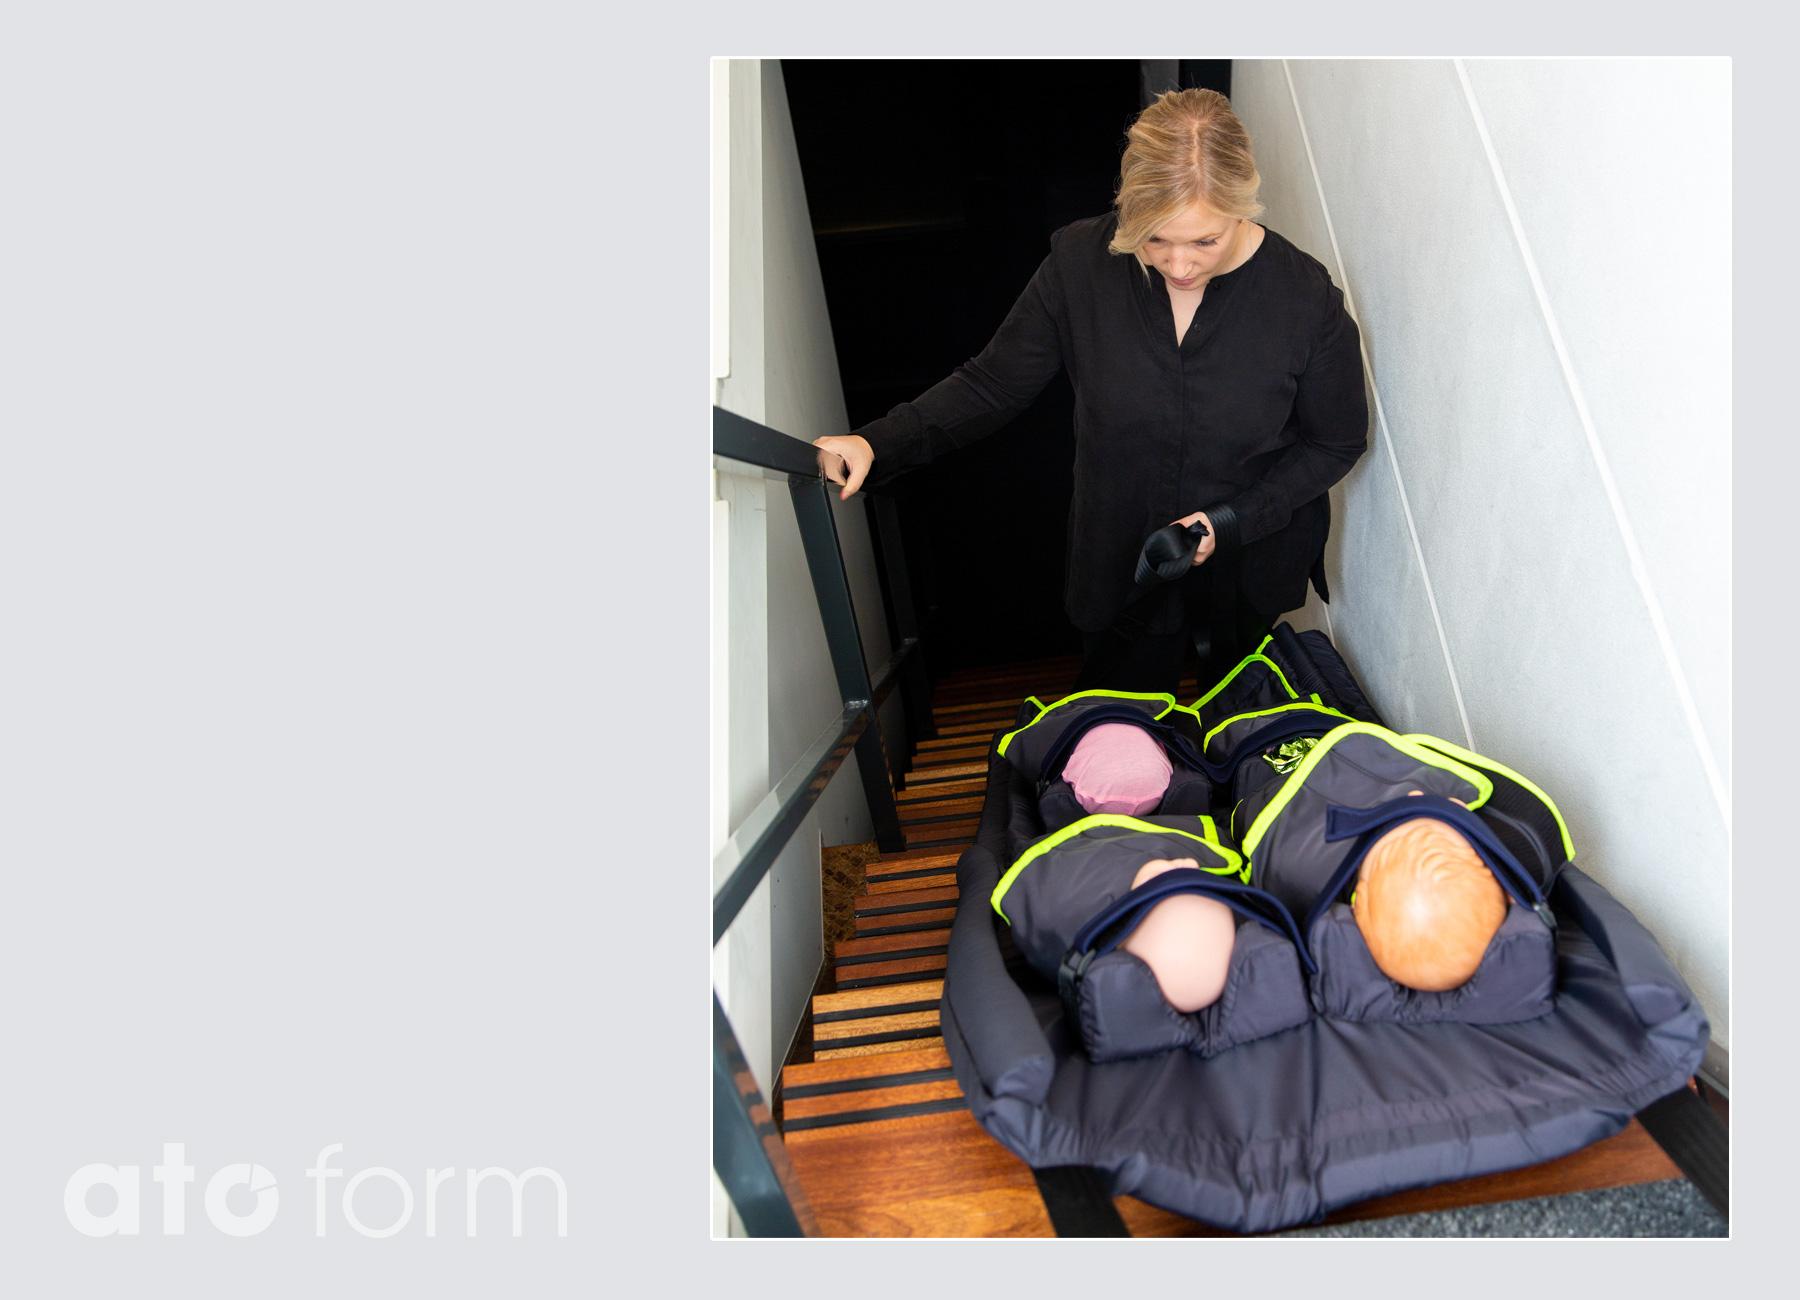 S-CapeKids Evakuierung über die Treppe